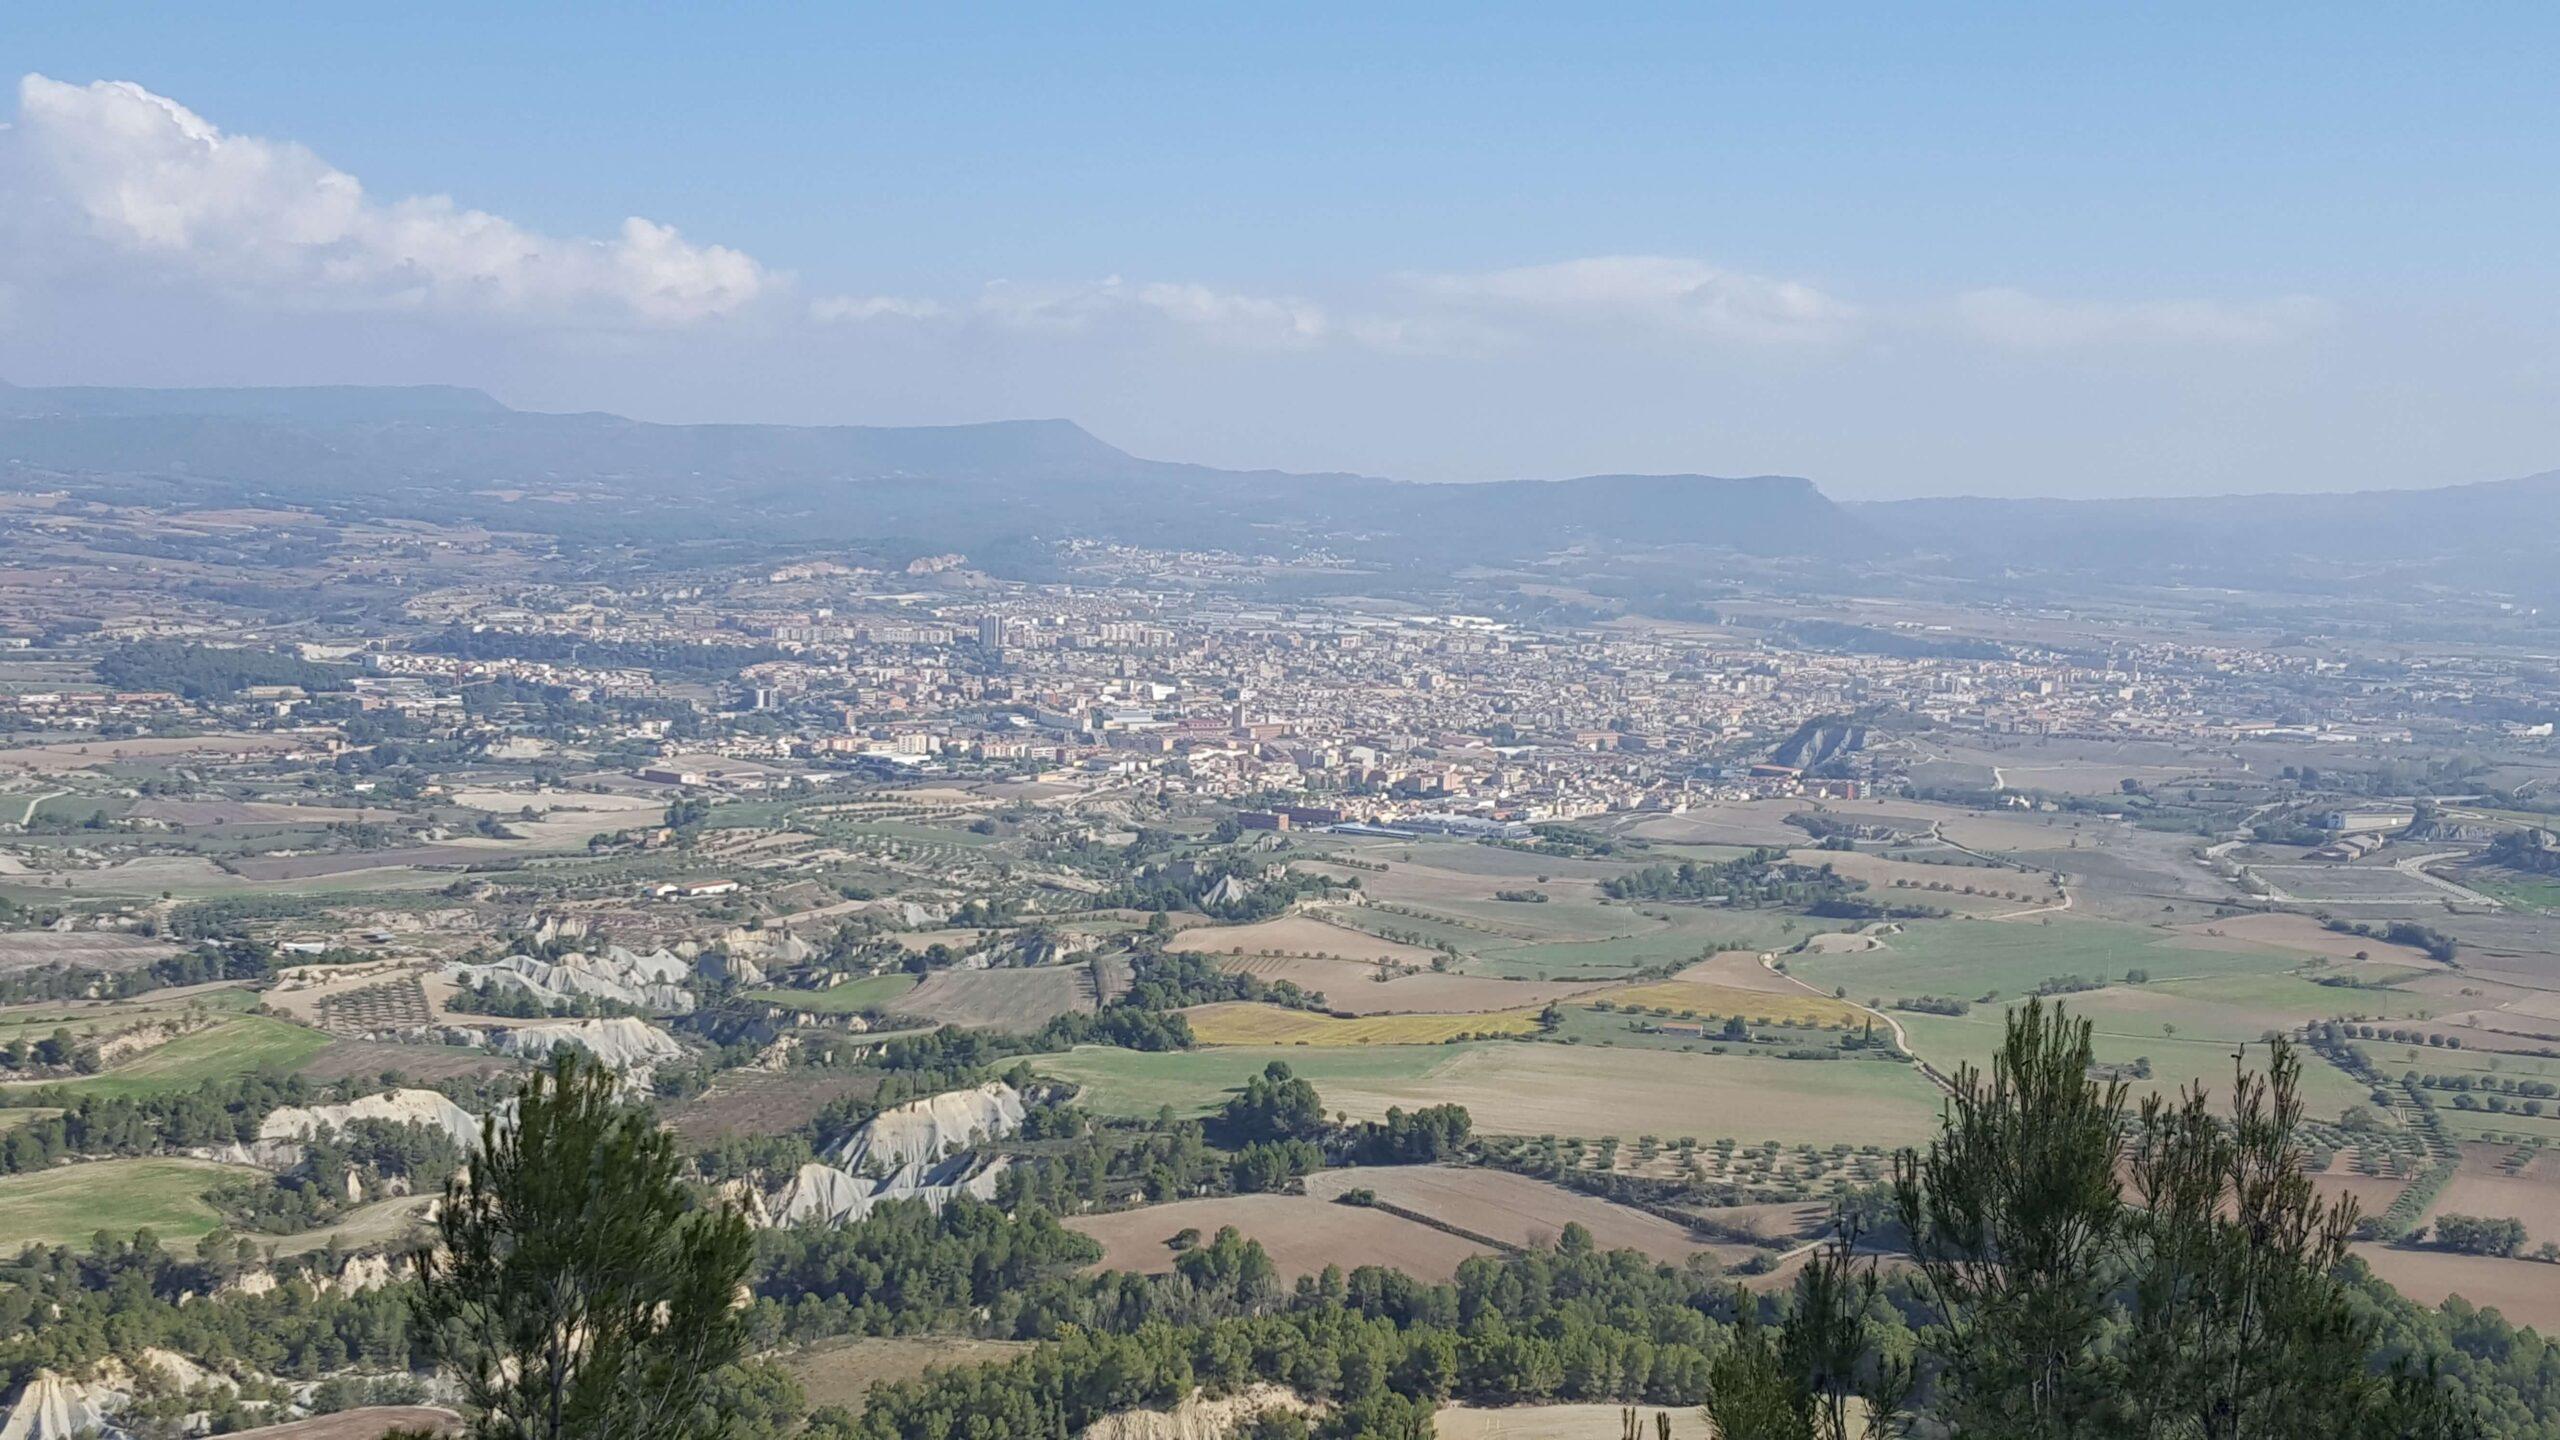 Vista Dels Principals Municipis De La Conca D'Òdena (Igualada, Òdena, Santa Margarida De Montbui I Vilanova Del Camí), Des De La Tossa De Montbui.